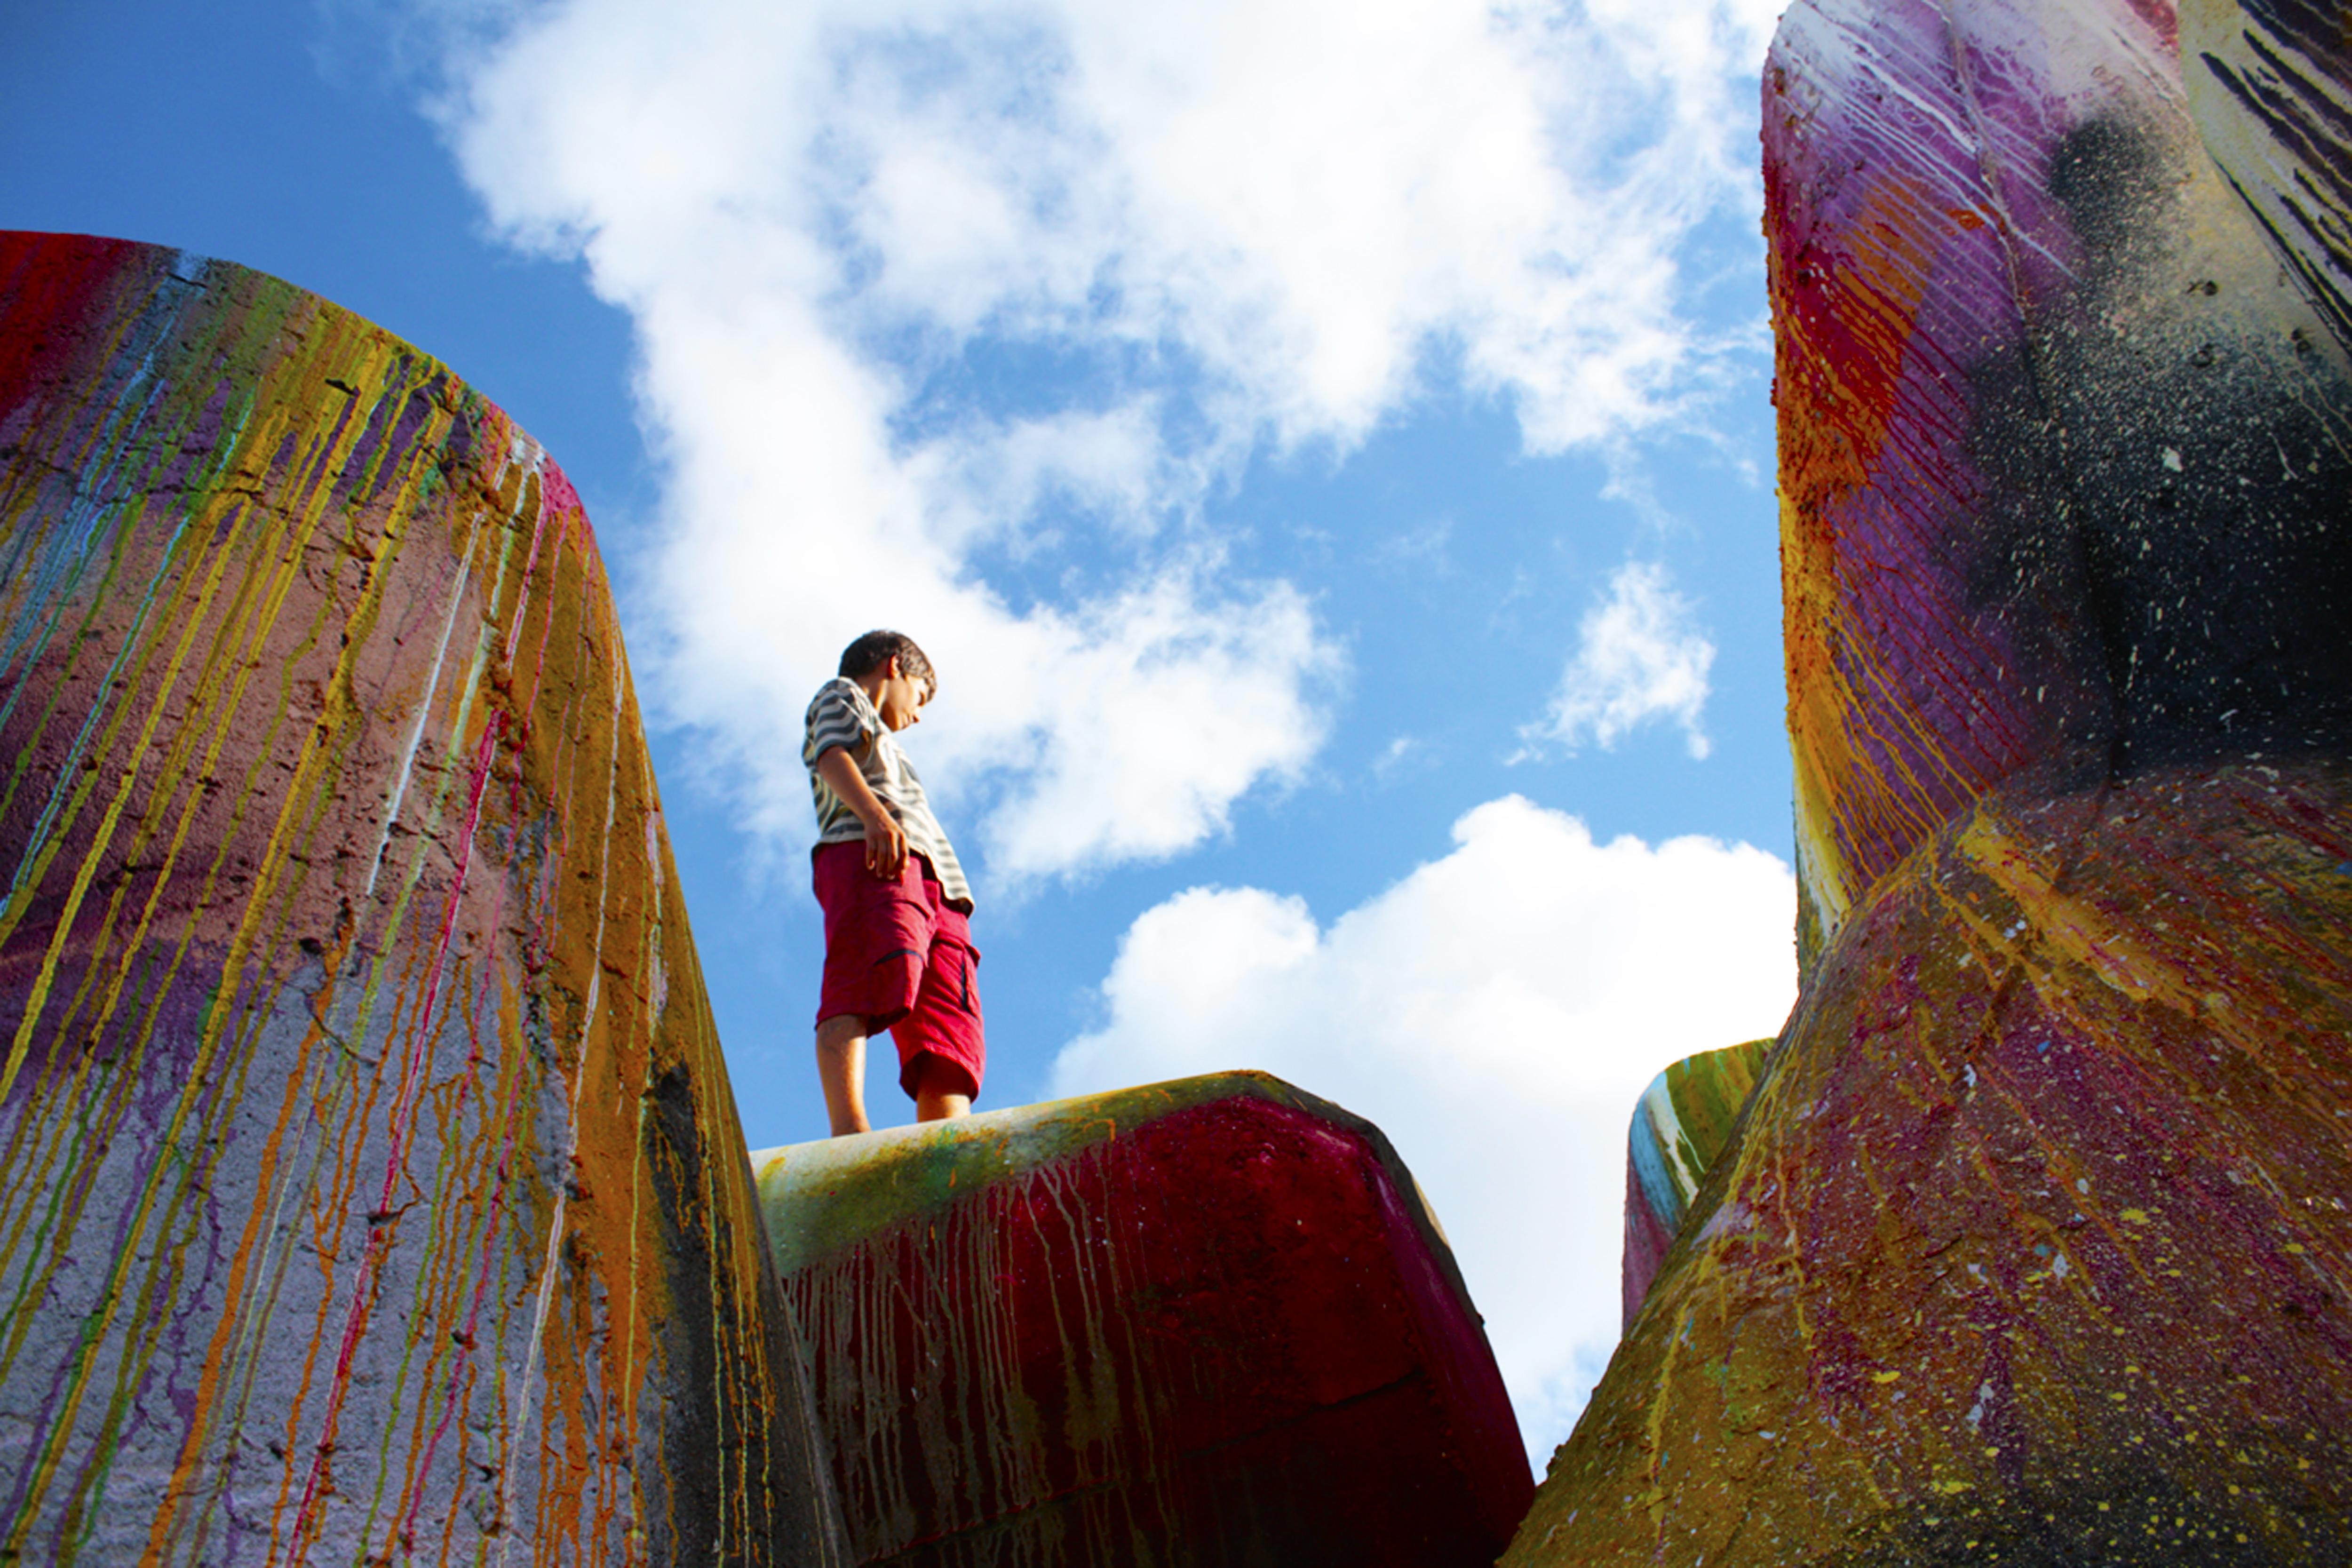 WALK & TALK 2012 promove Açores como destino criativo com Festival de Arte Pública, © Jesse James